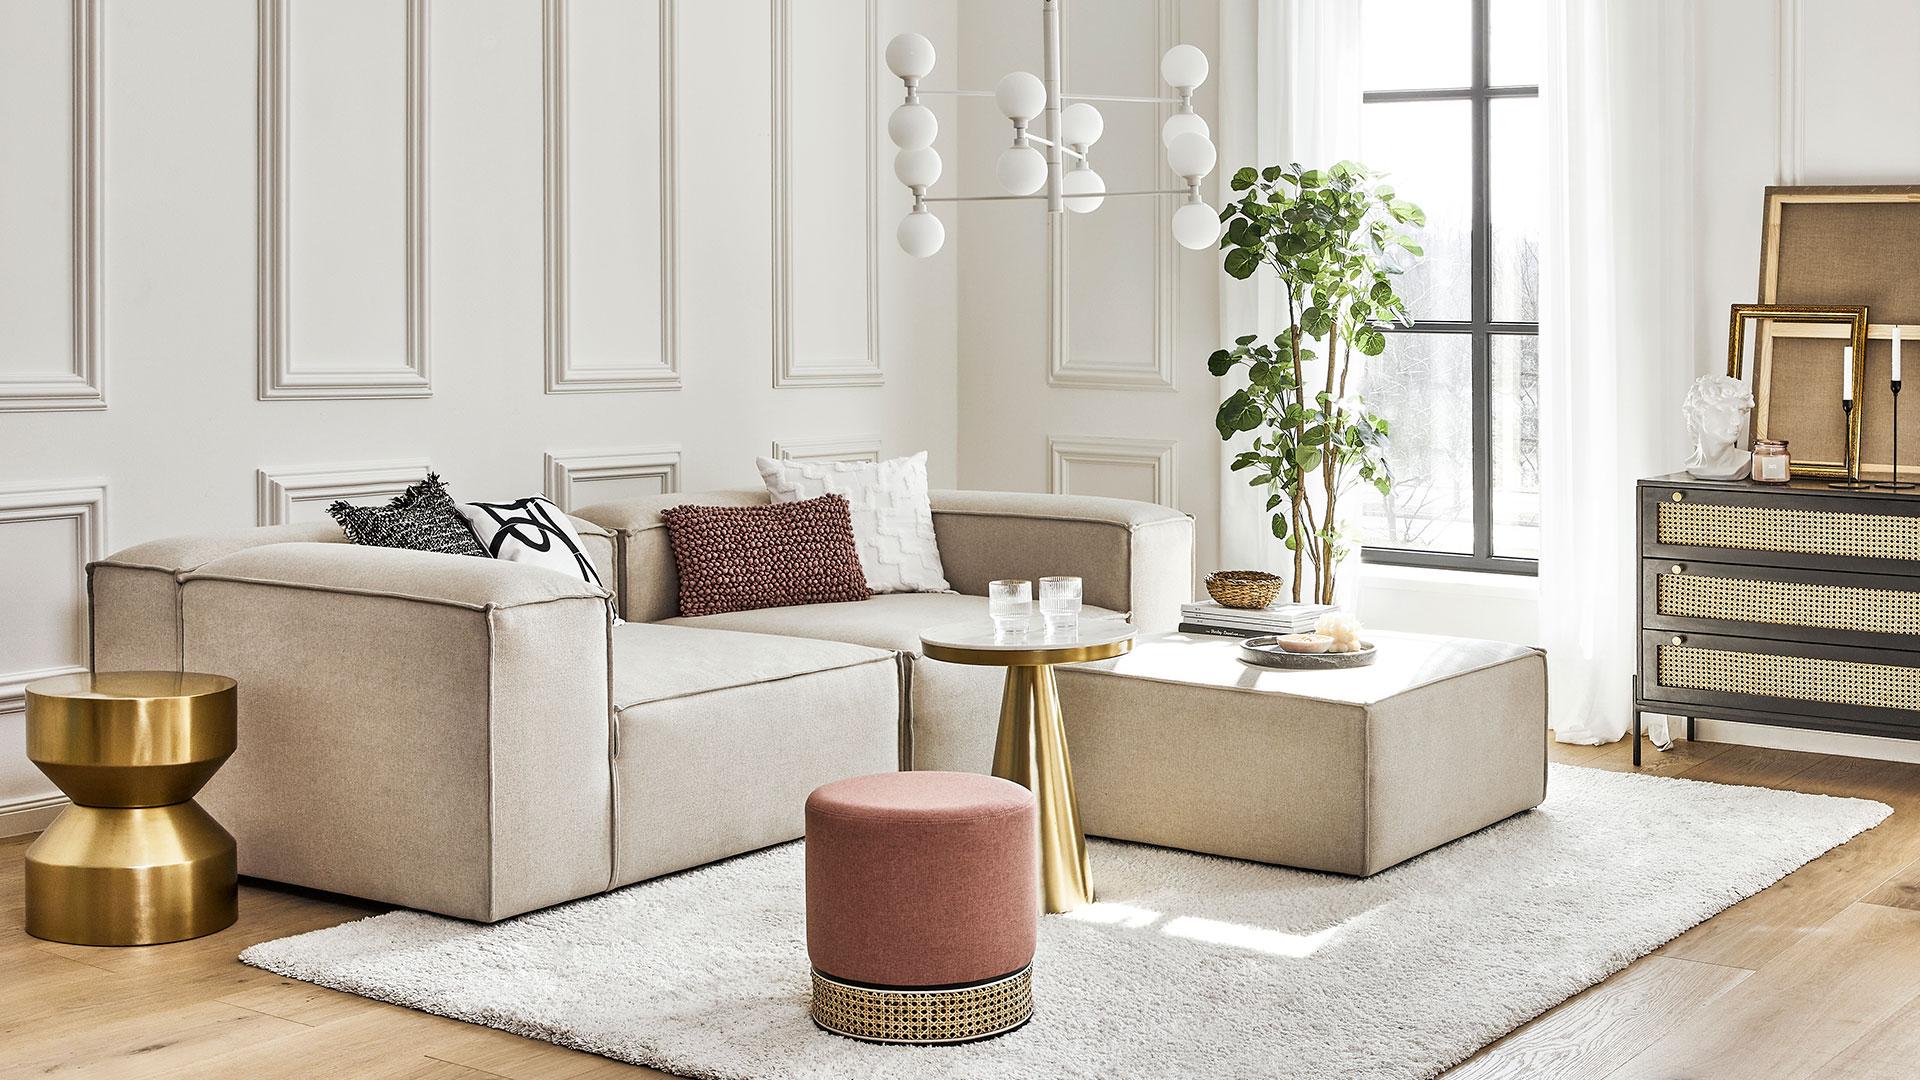 Nádherný obývák